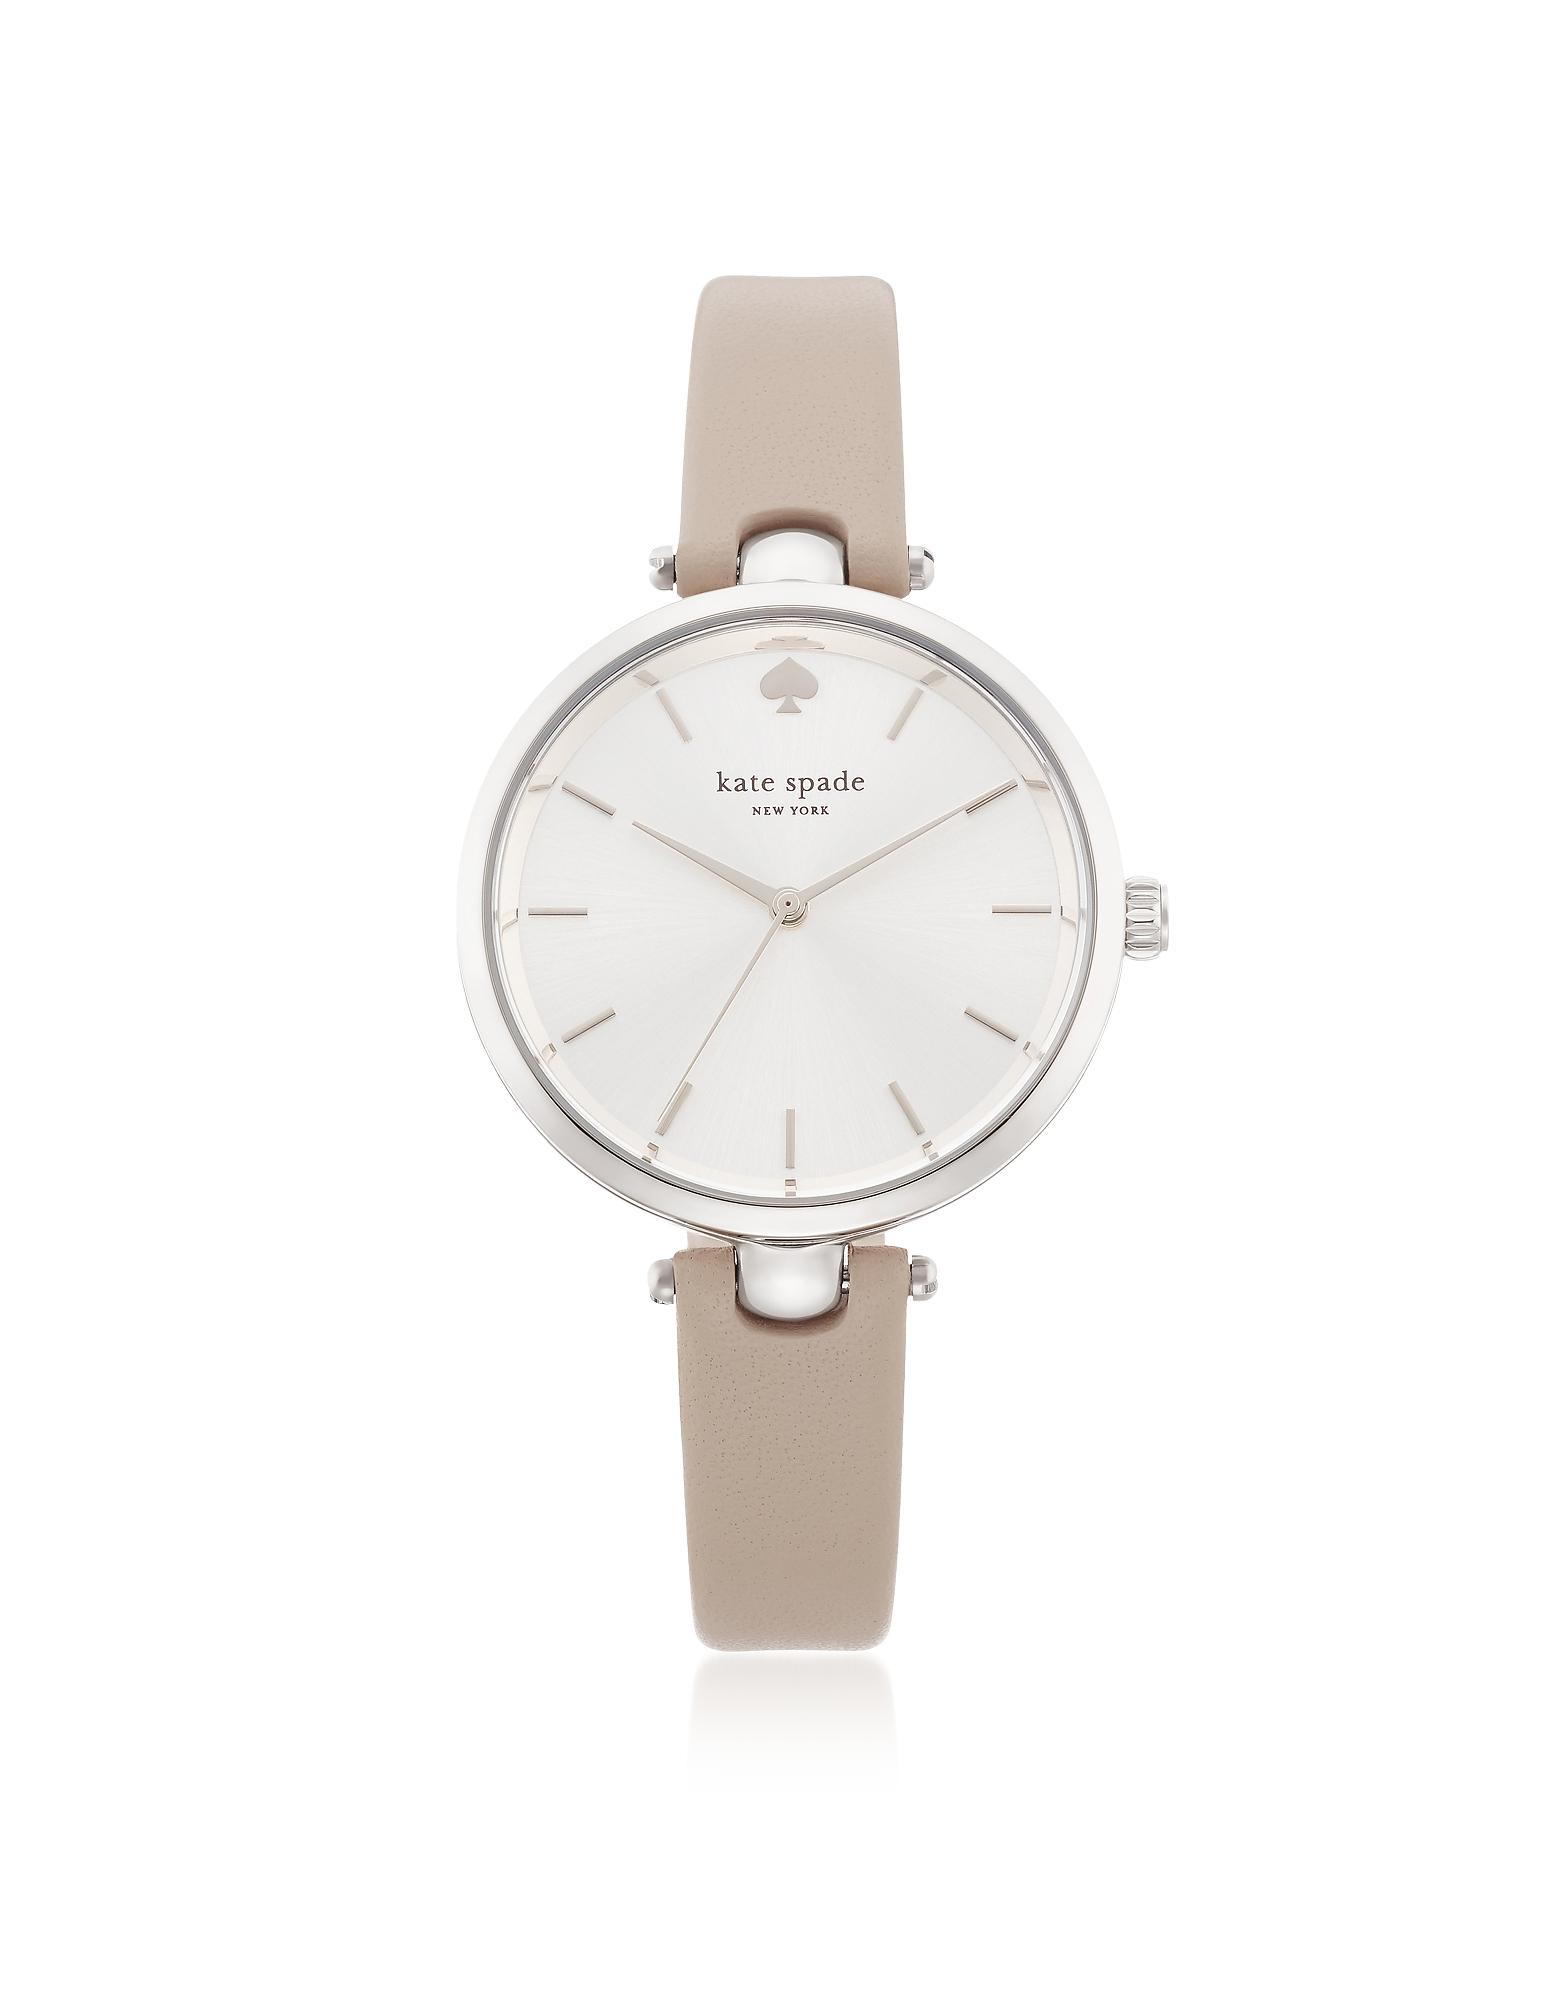 Kate Spade New York Women's Watches, Holland Gray Women's Watch